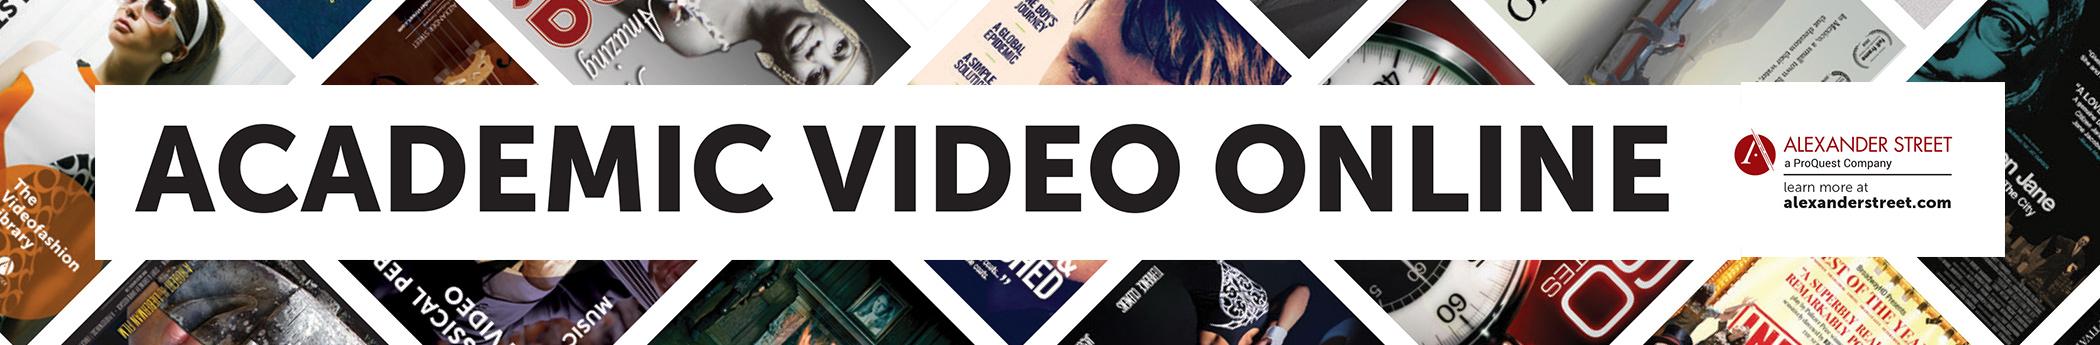 Alexander Street Academic Video Online